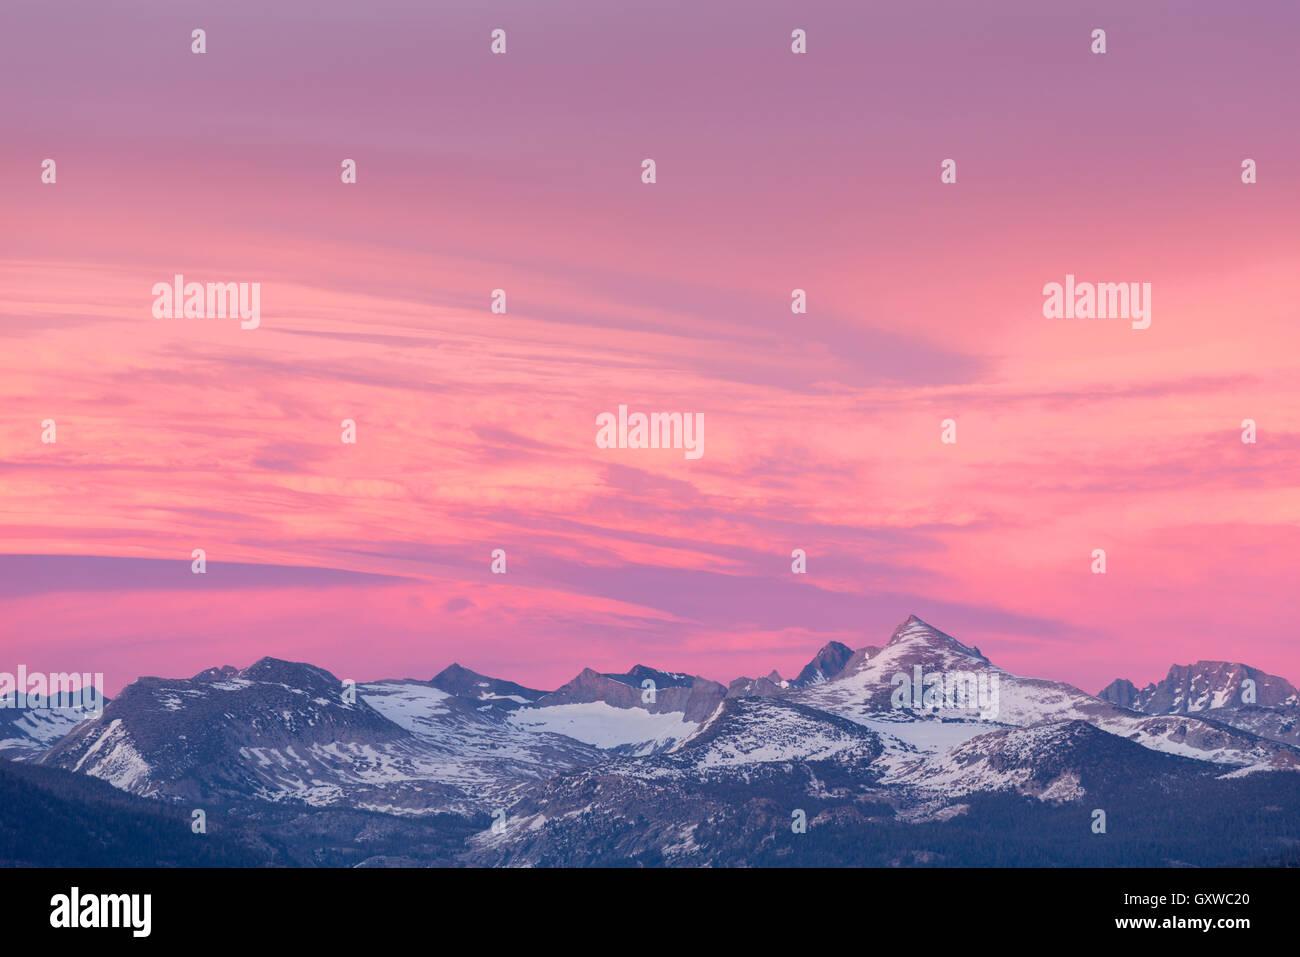 Coucher de soleil coloré ciel au-dessus de la neige des montagnes saupoudrées de Yosemite National Park, California, USA. Printemps (juin) 2016. Banque D'Images